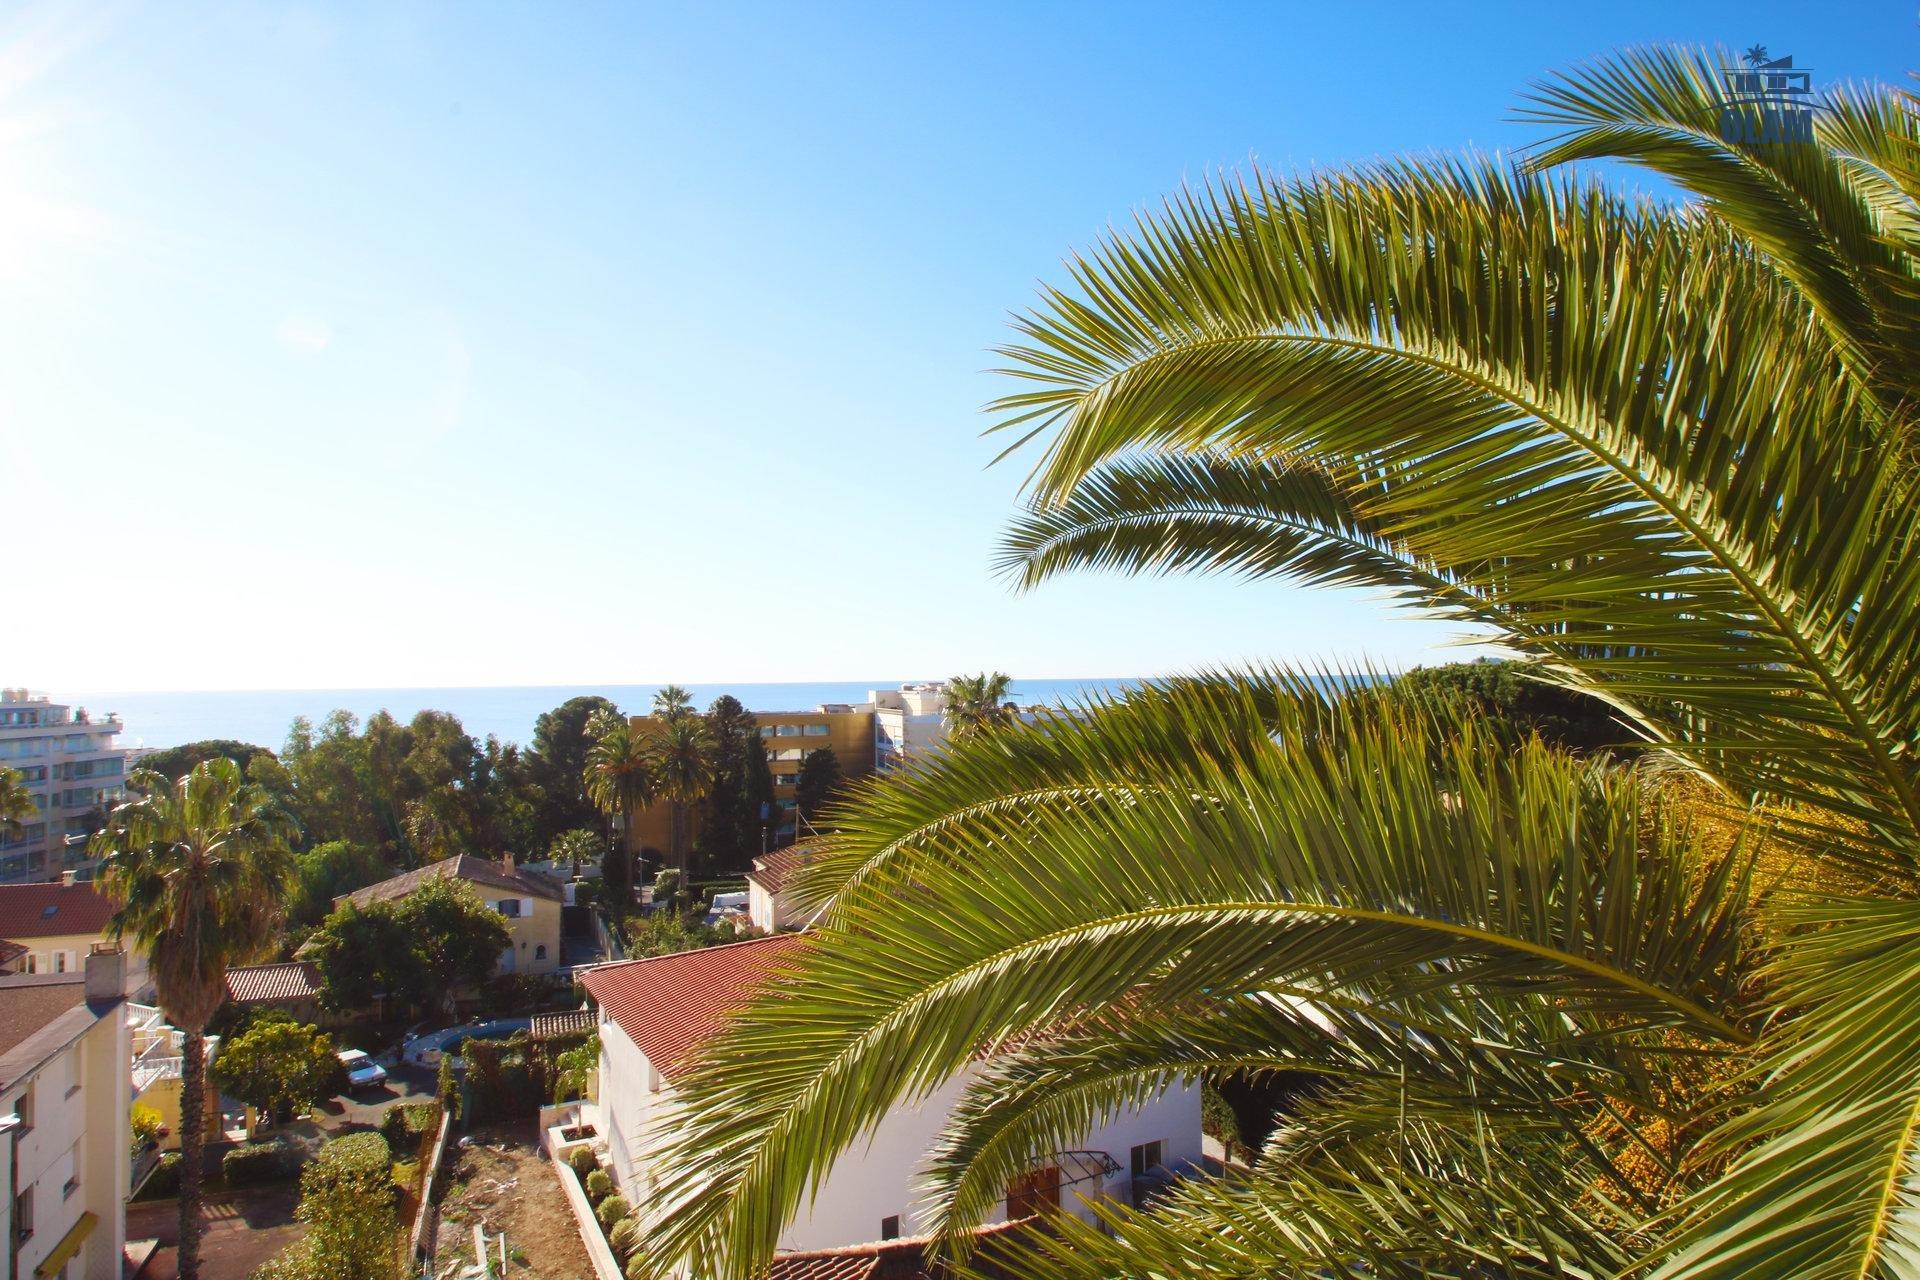 Vue panoramique mer, Cannes, Croisette, Côte d'Azur, terrasse d'angle